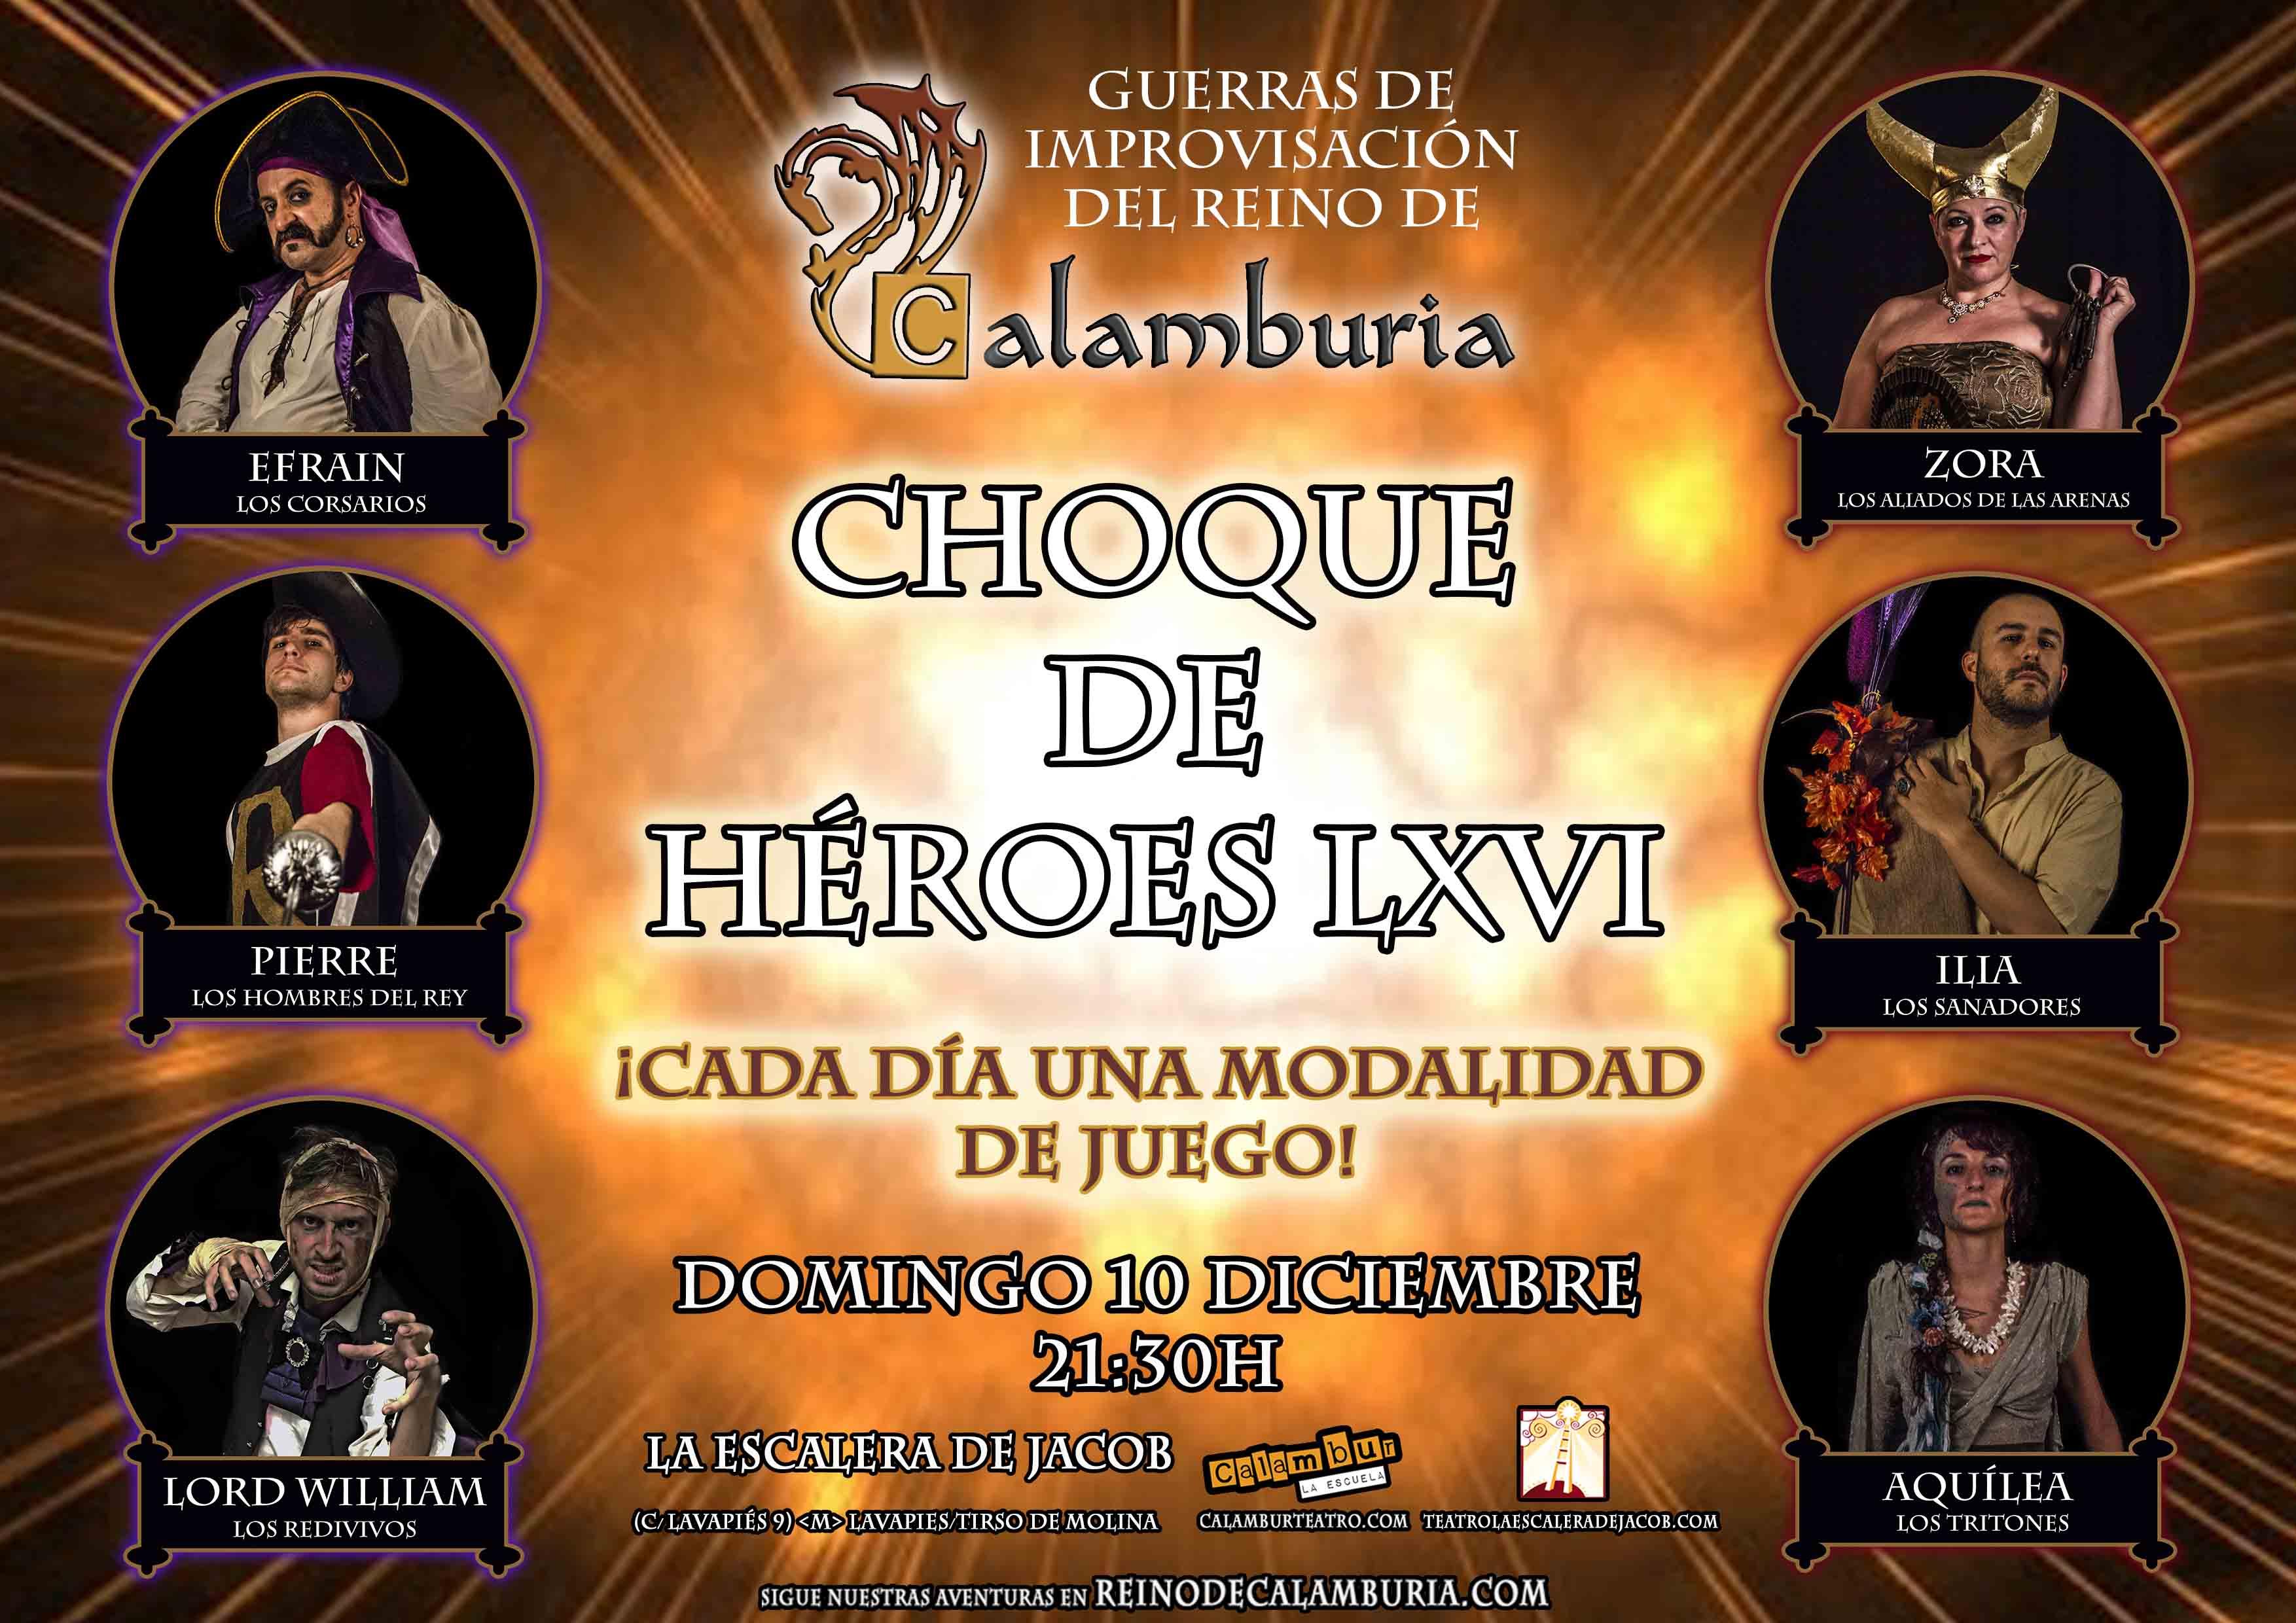 CHOQUE DE HEROES 66